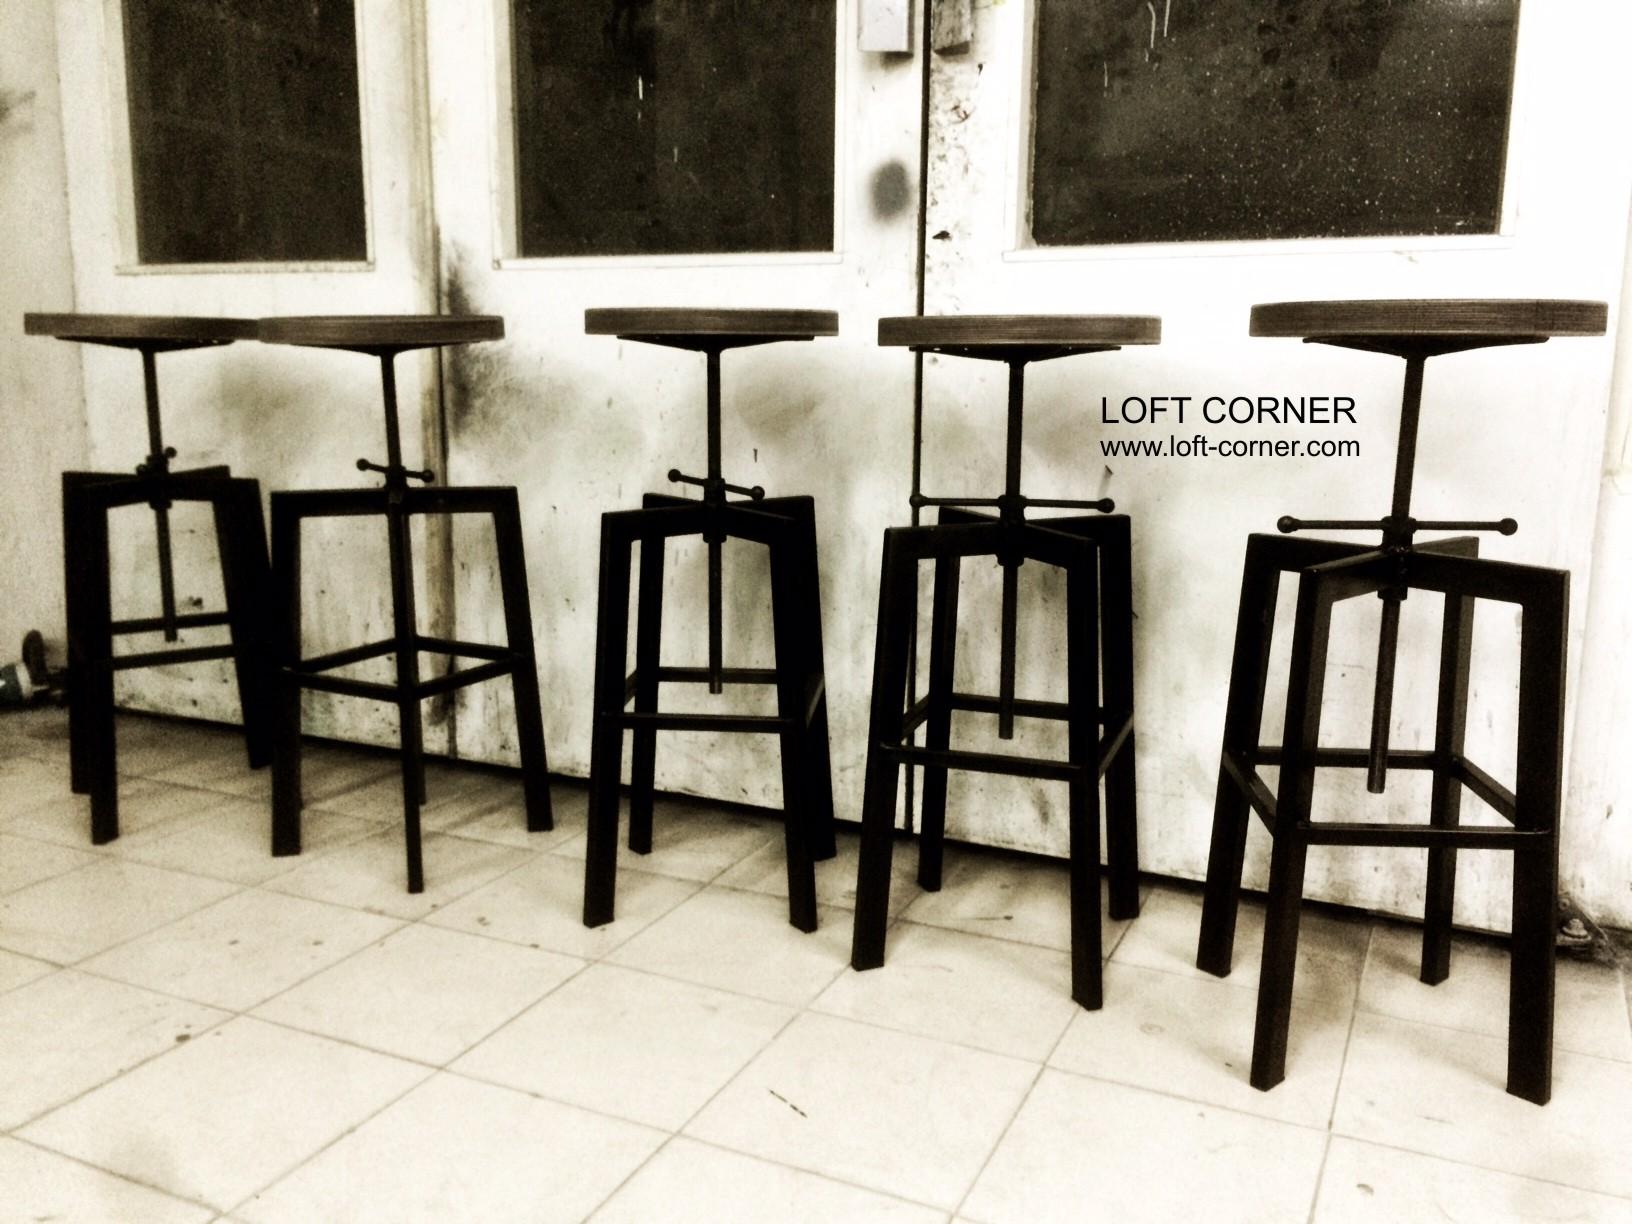 Барные стулья в индустриальном стиле, мебель лофт